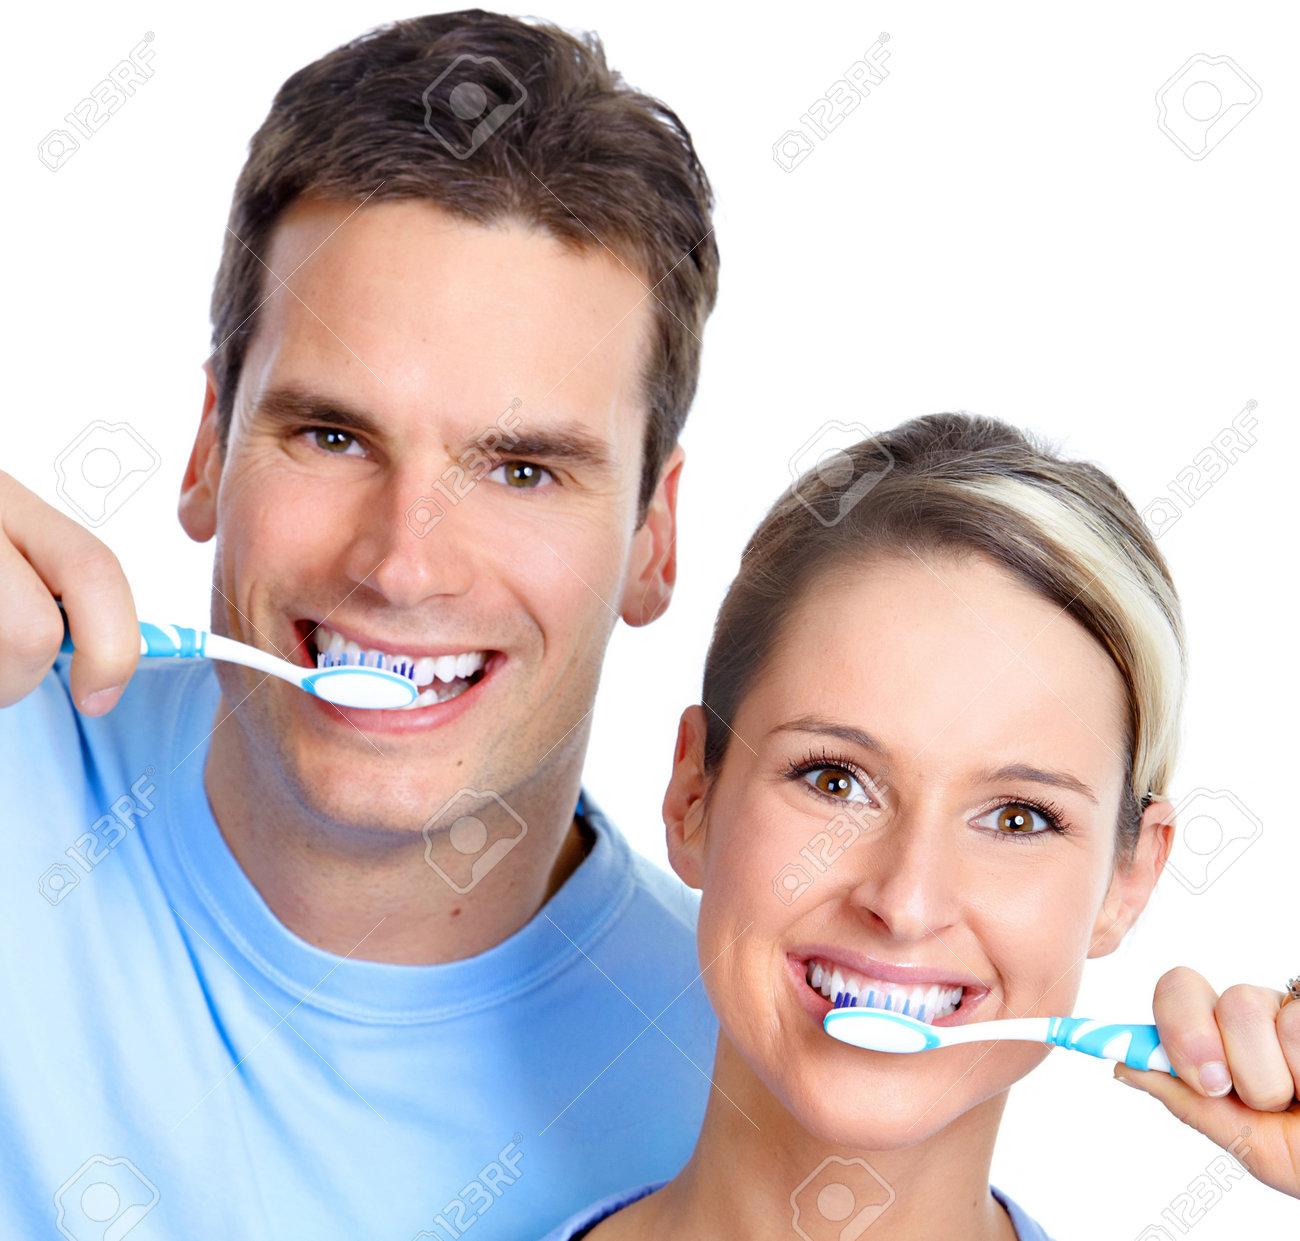 Resultado de imagen para foto de persona lavandose los dientes